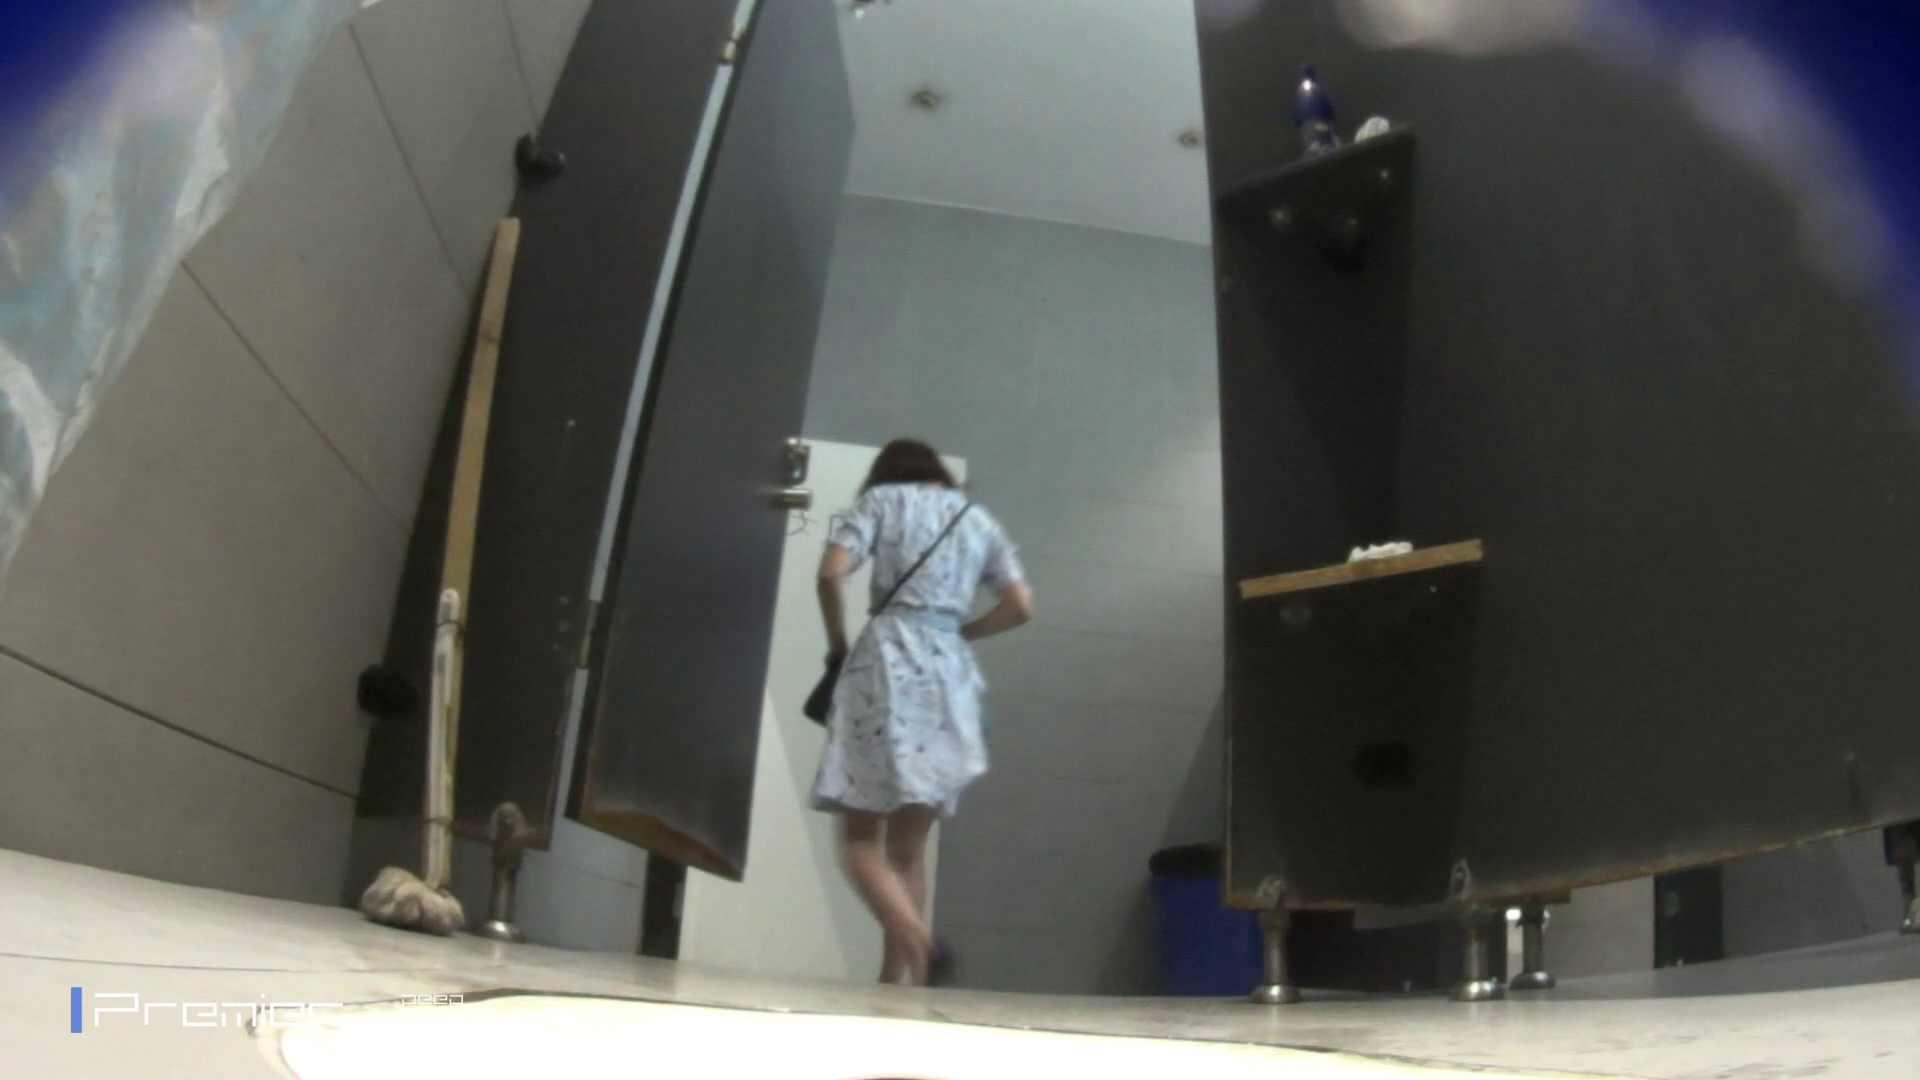 フロントから丸見え! 大学休憩時間の洗面所事情60 丸見え エロ画像 96枚 25